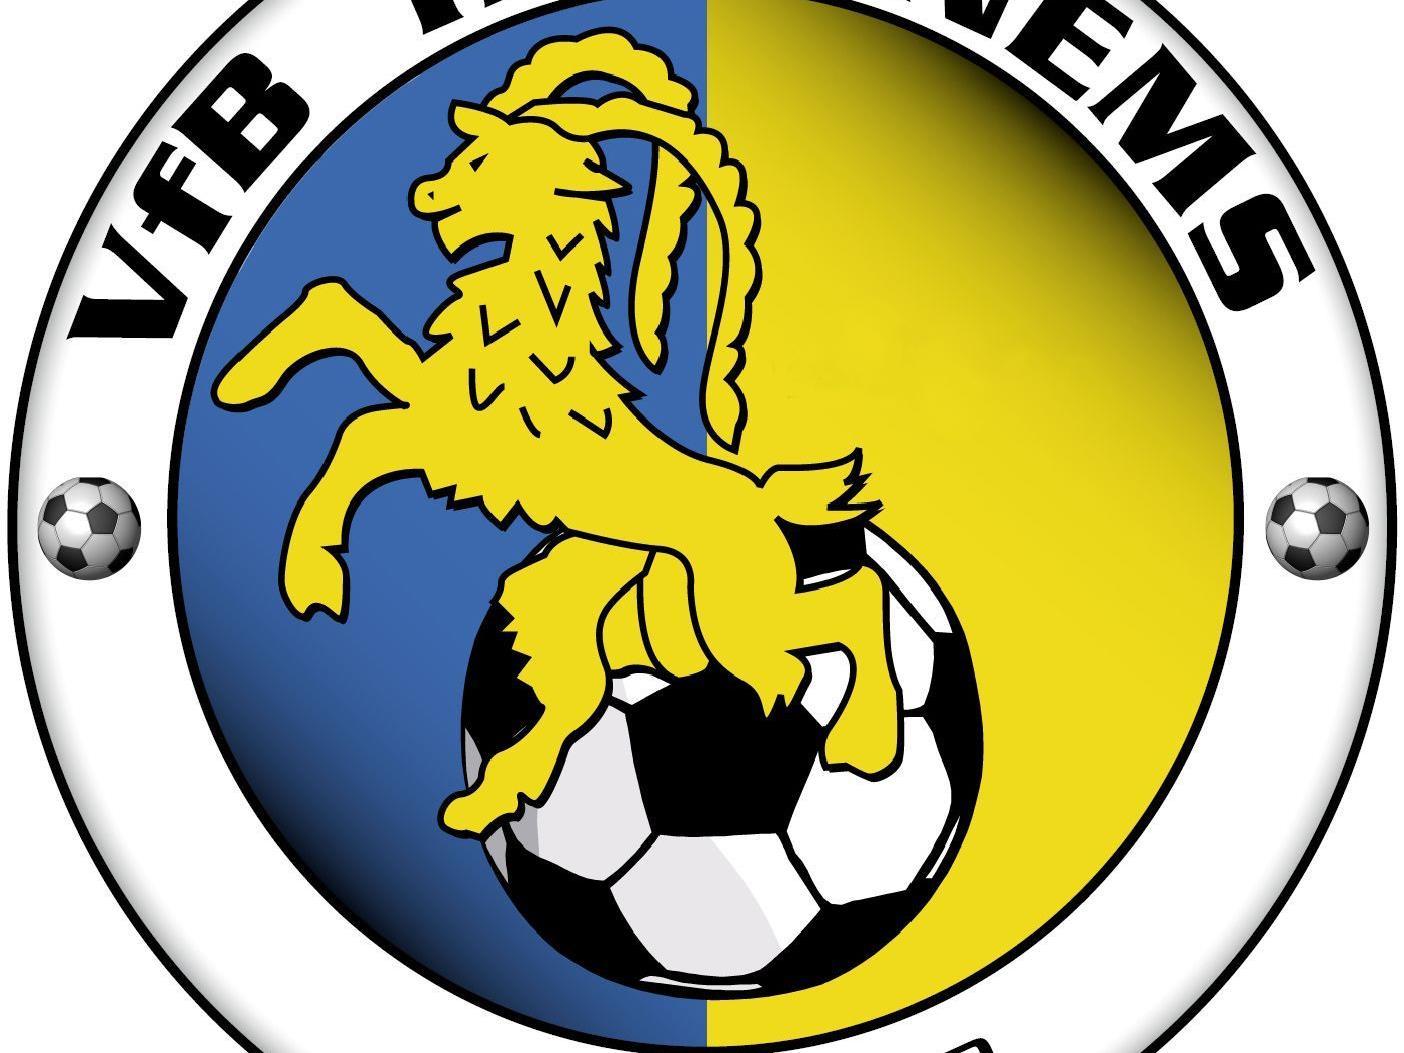 Derbytime im Herrenriedstadion - der VfB Hohenems empfängt den FC Götzis